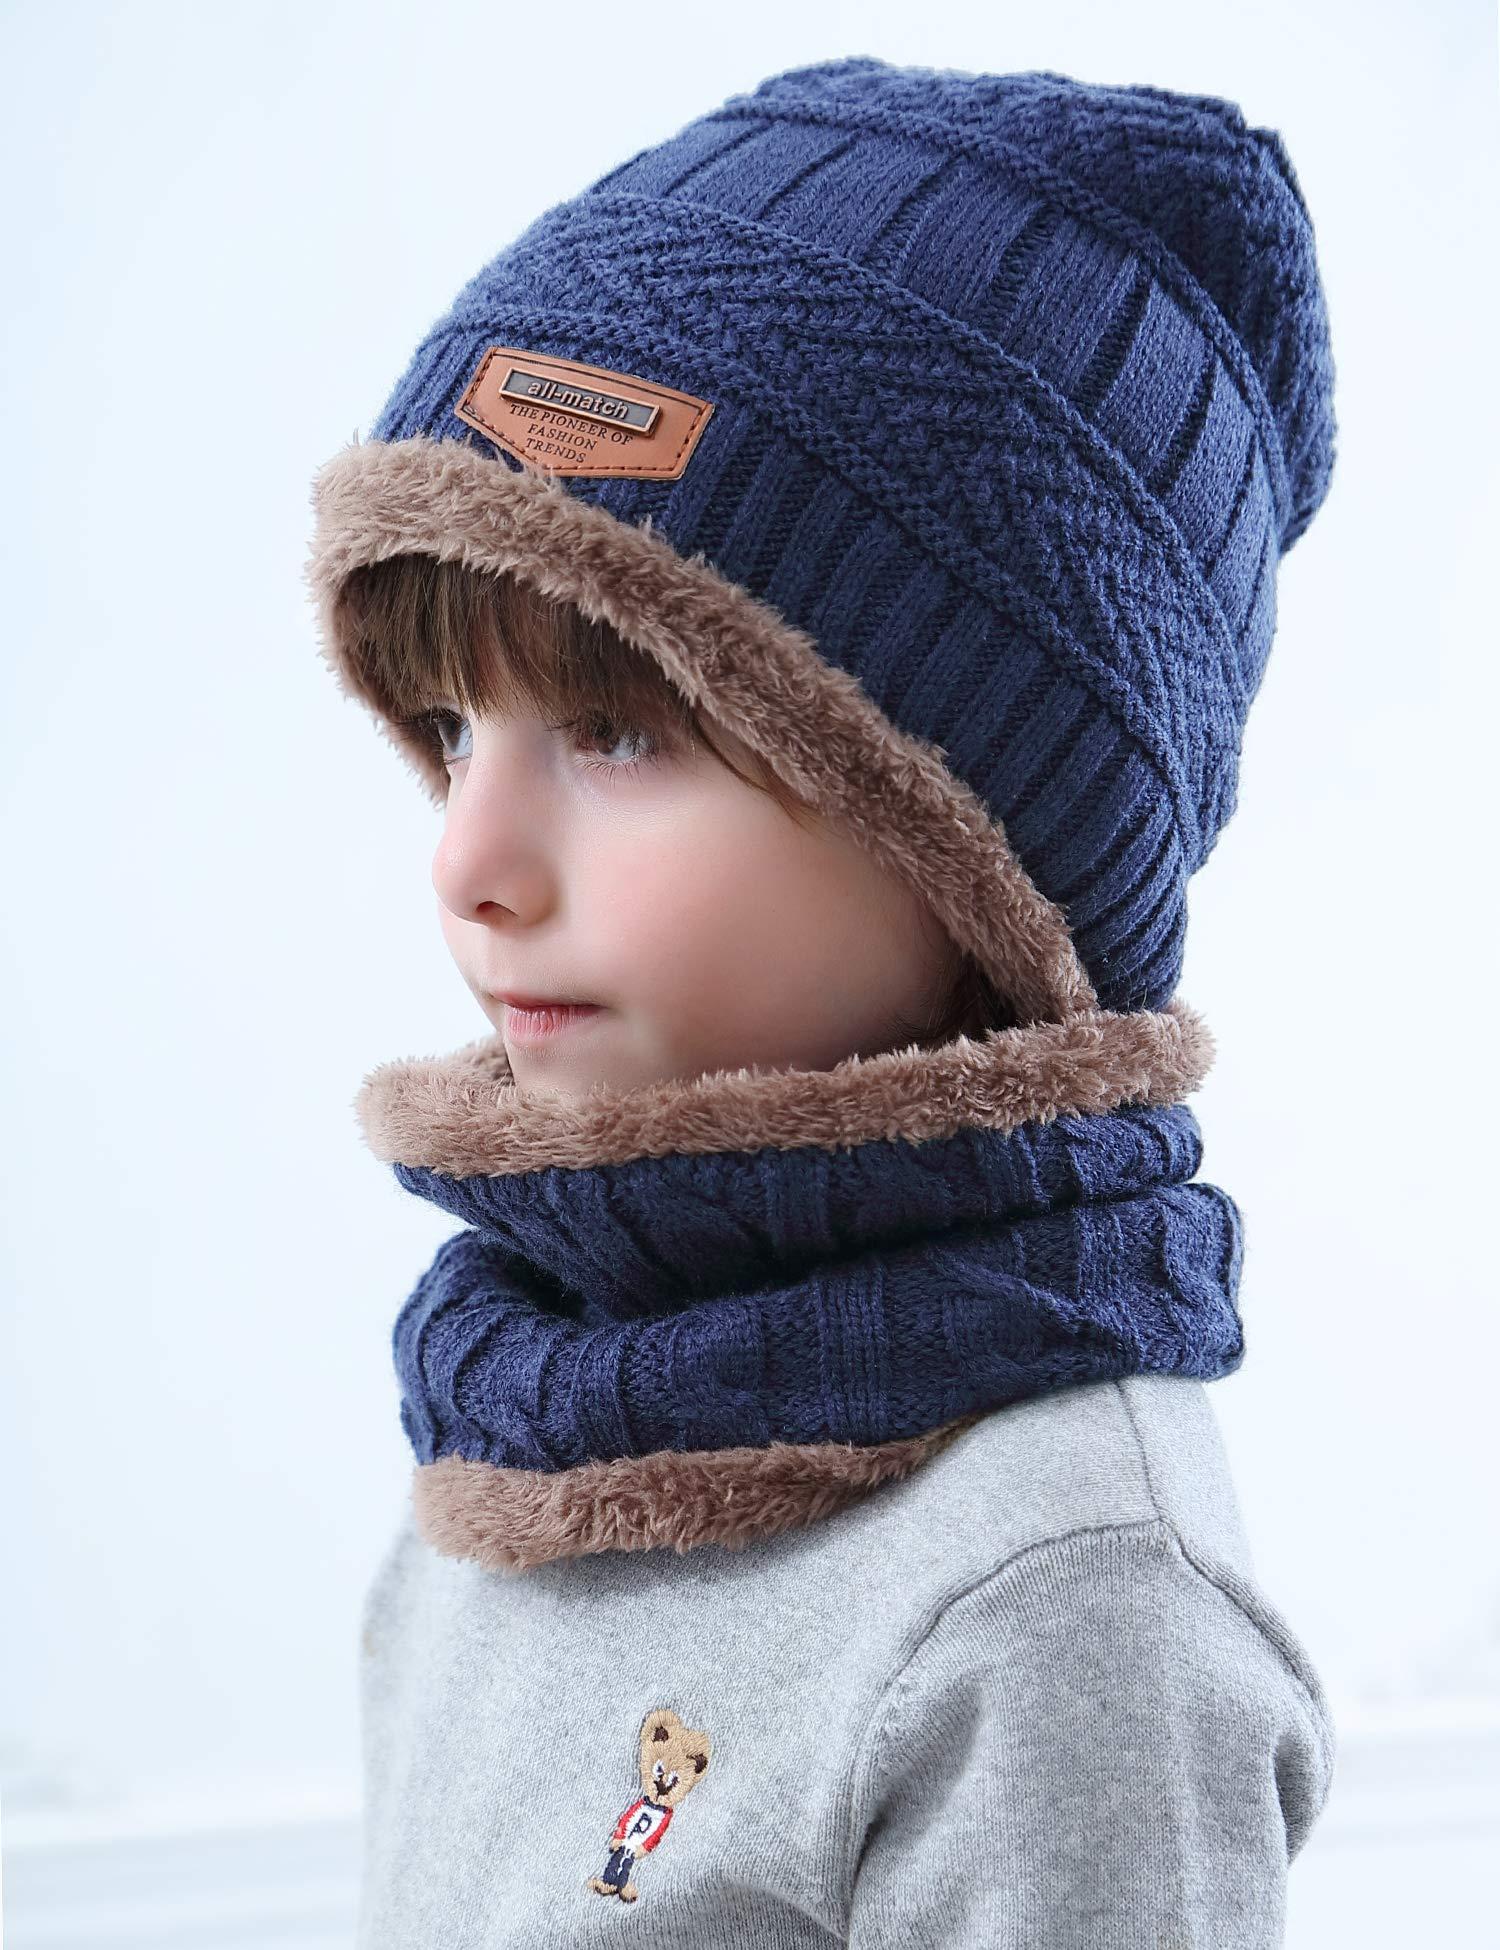 Aibrou Cappello Uomo Invernali【Guanti Possono Essere Utilizzati su Schermi Mobili e Tablet】 3 in 1 Cappello Sciarpa… 4 spesavip